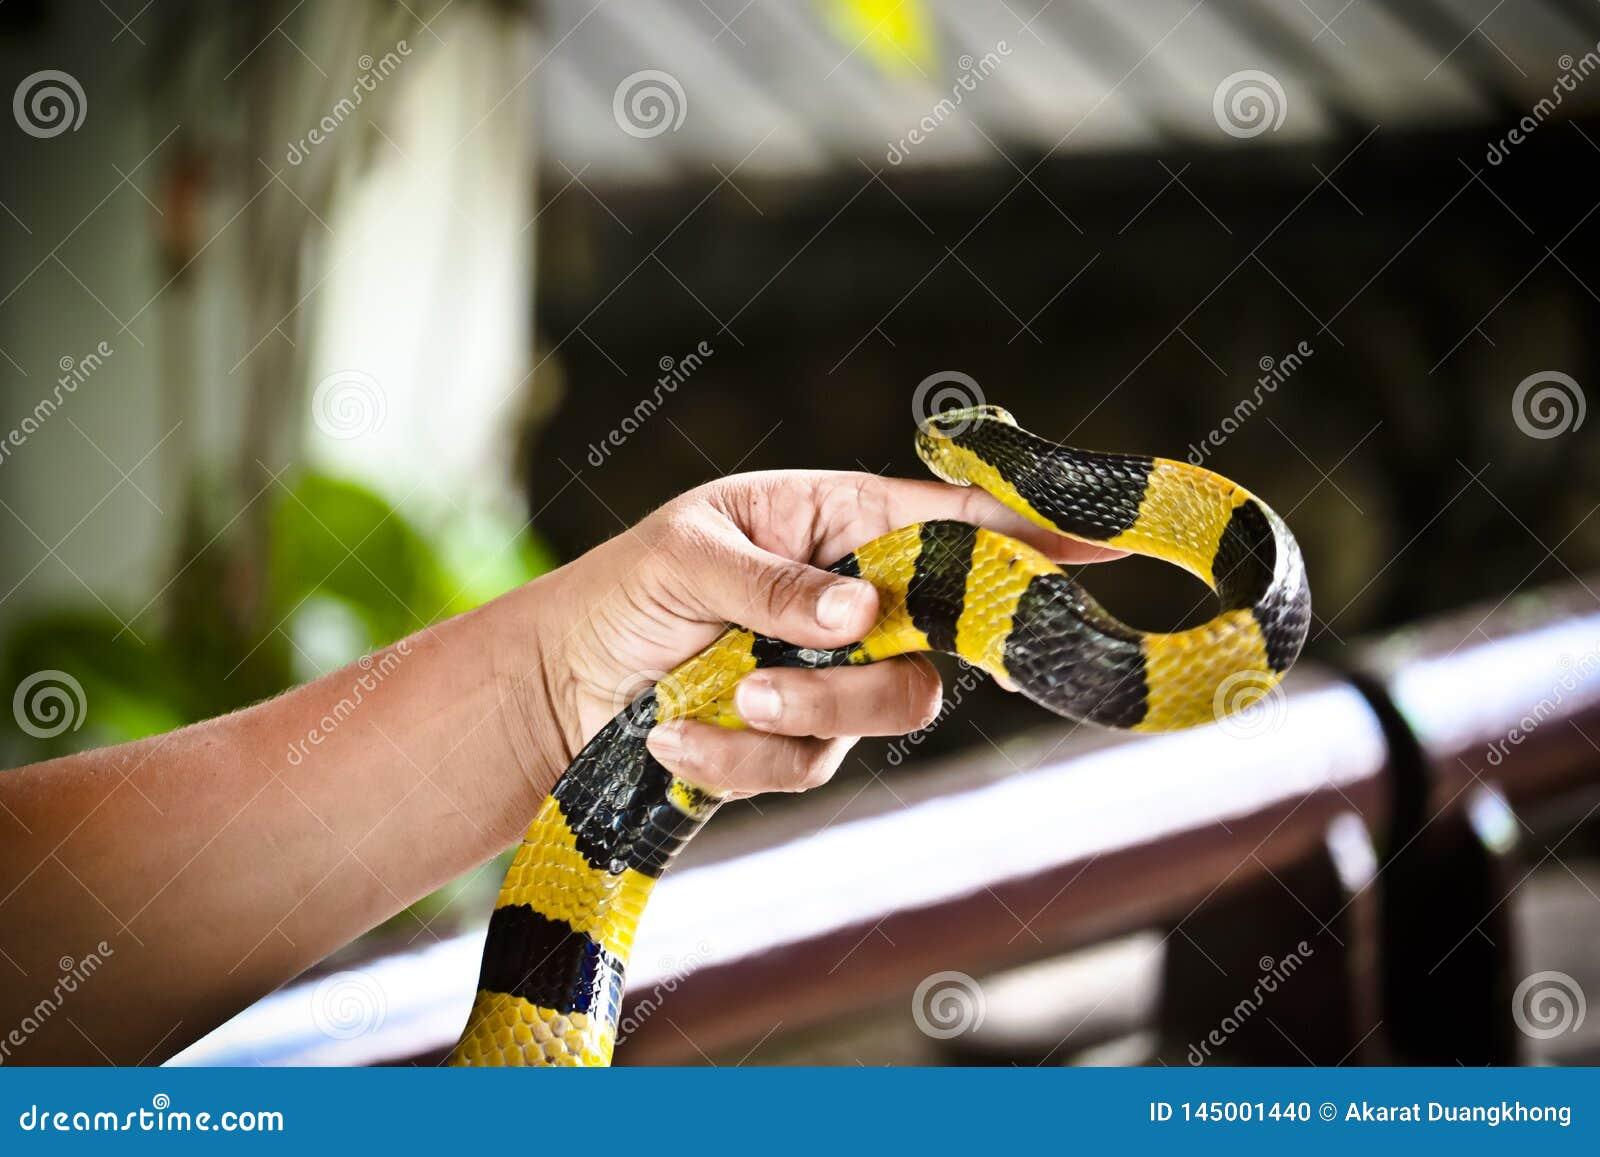 Satt band Krait orm på en hand